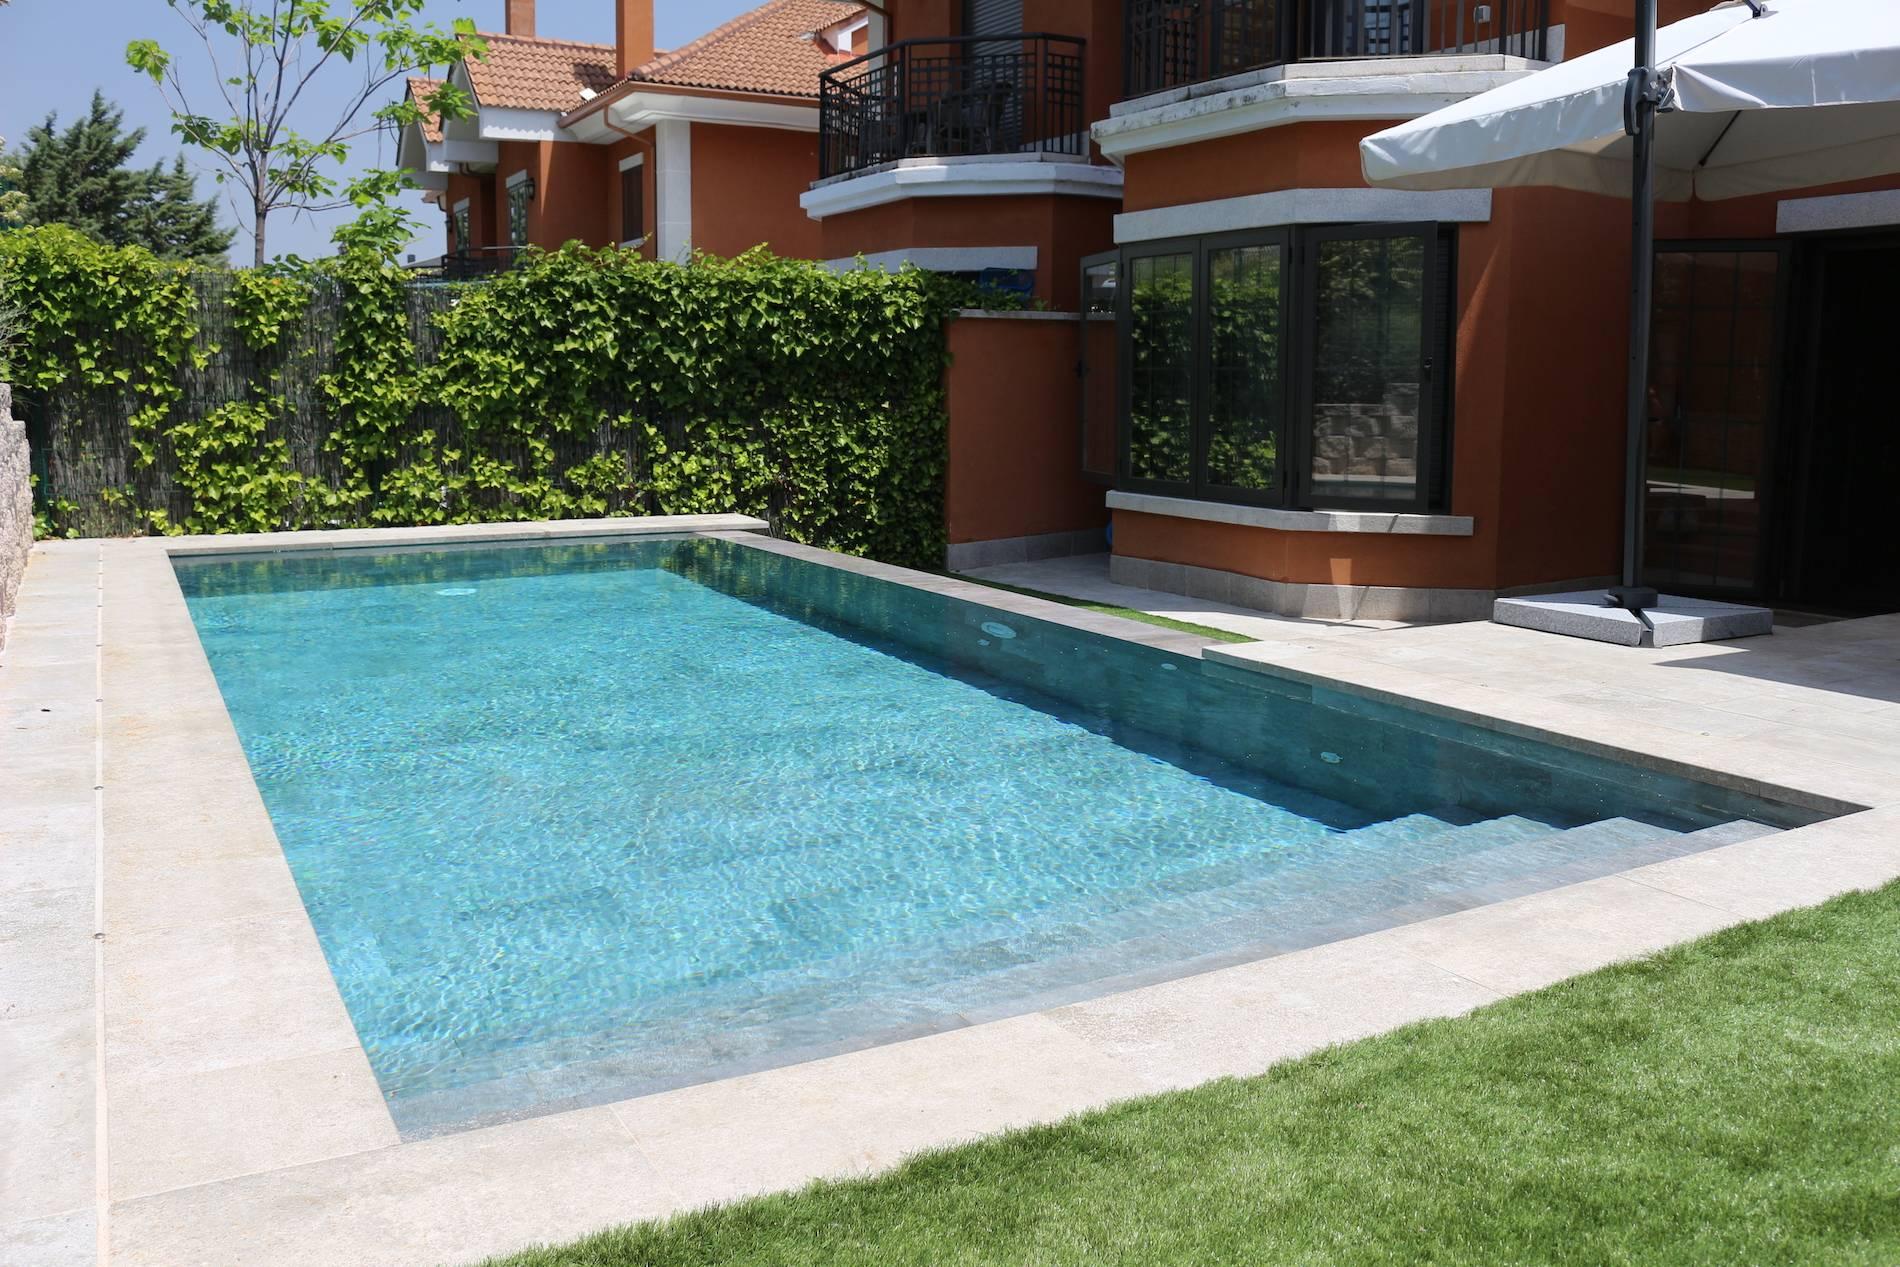 Piscina infinita piscinas oscer for Empresas de construccion de piscinas